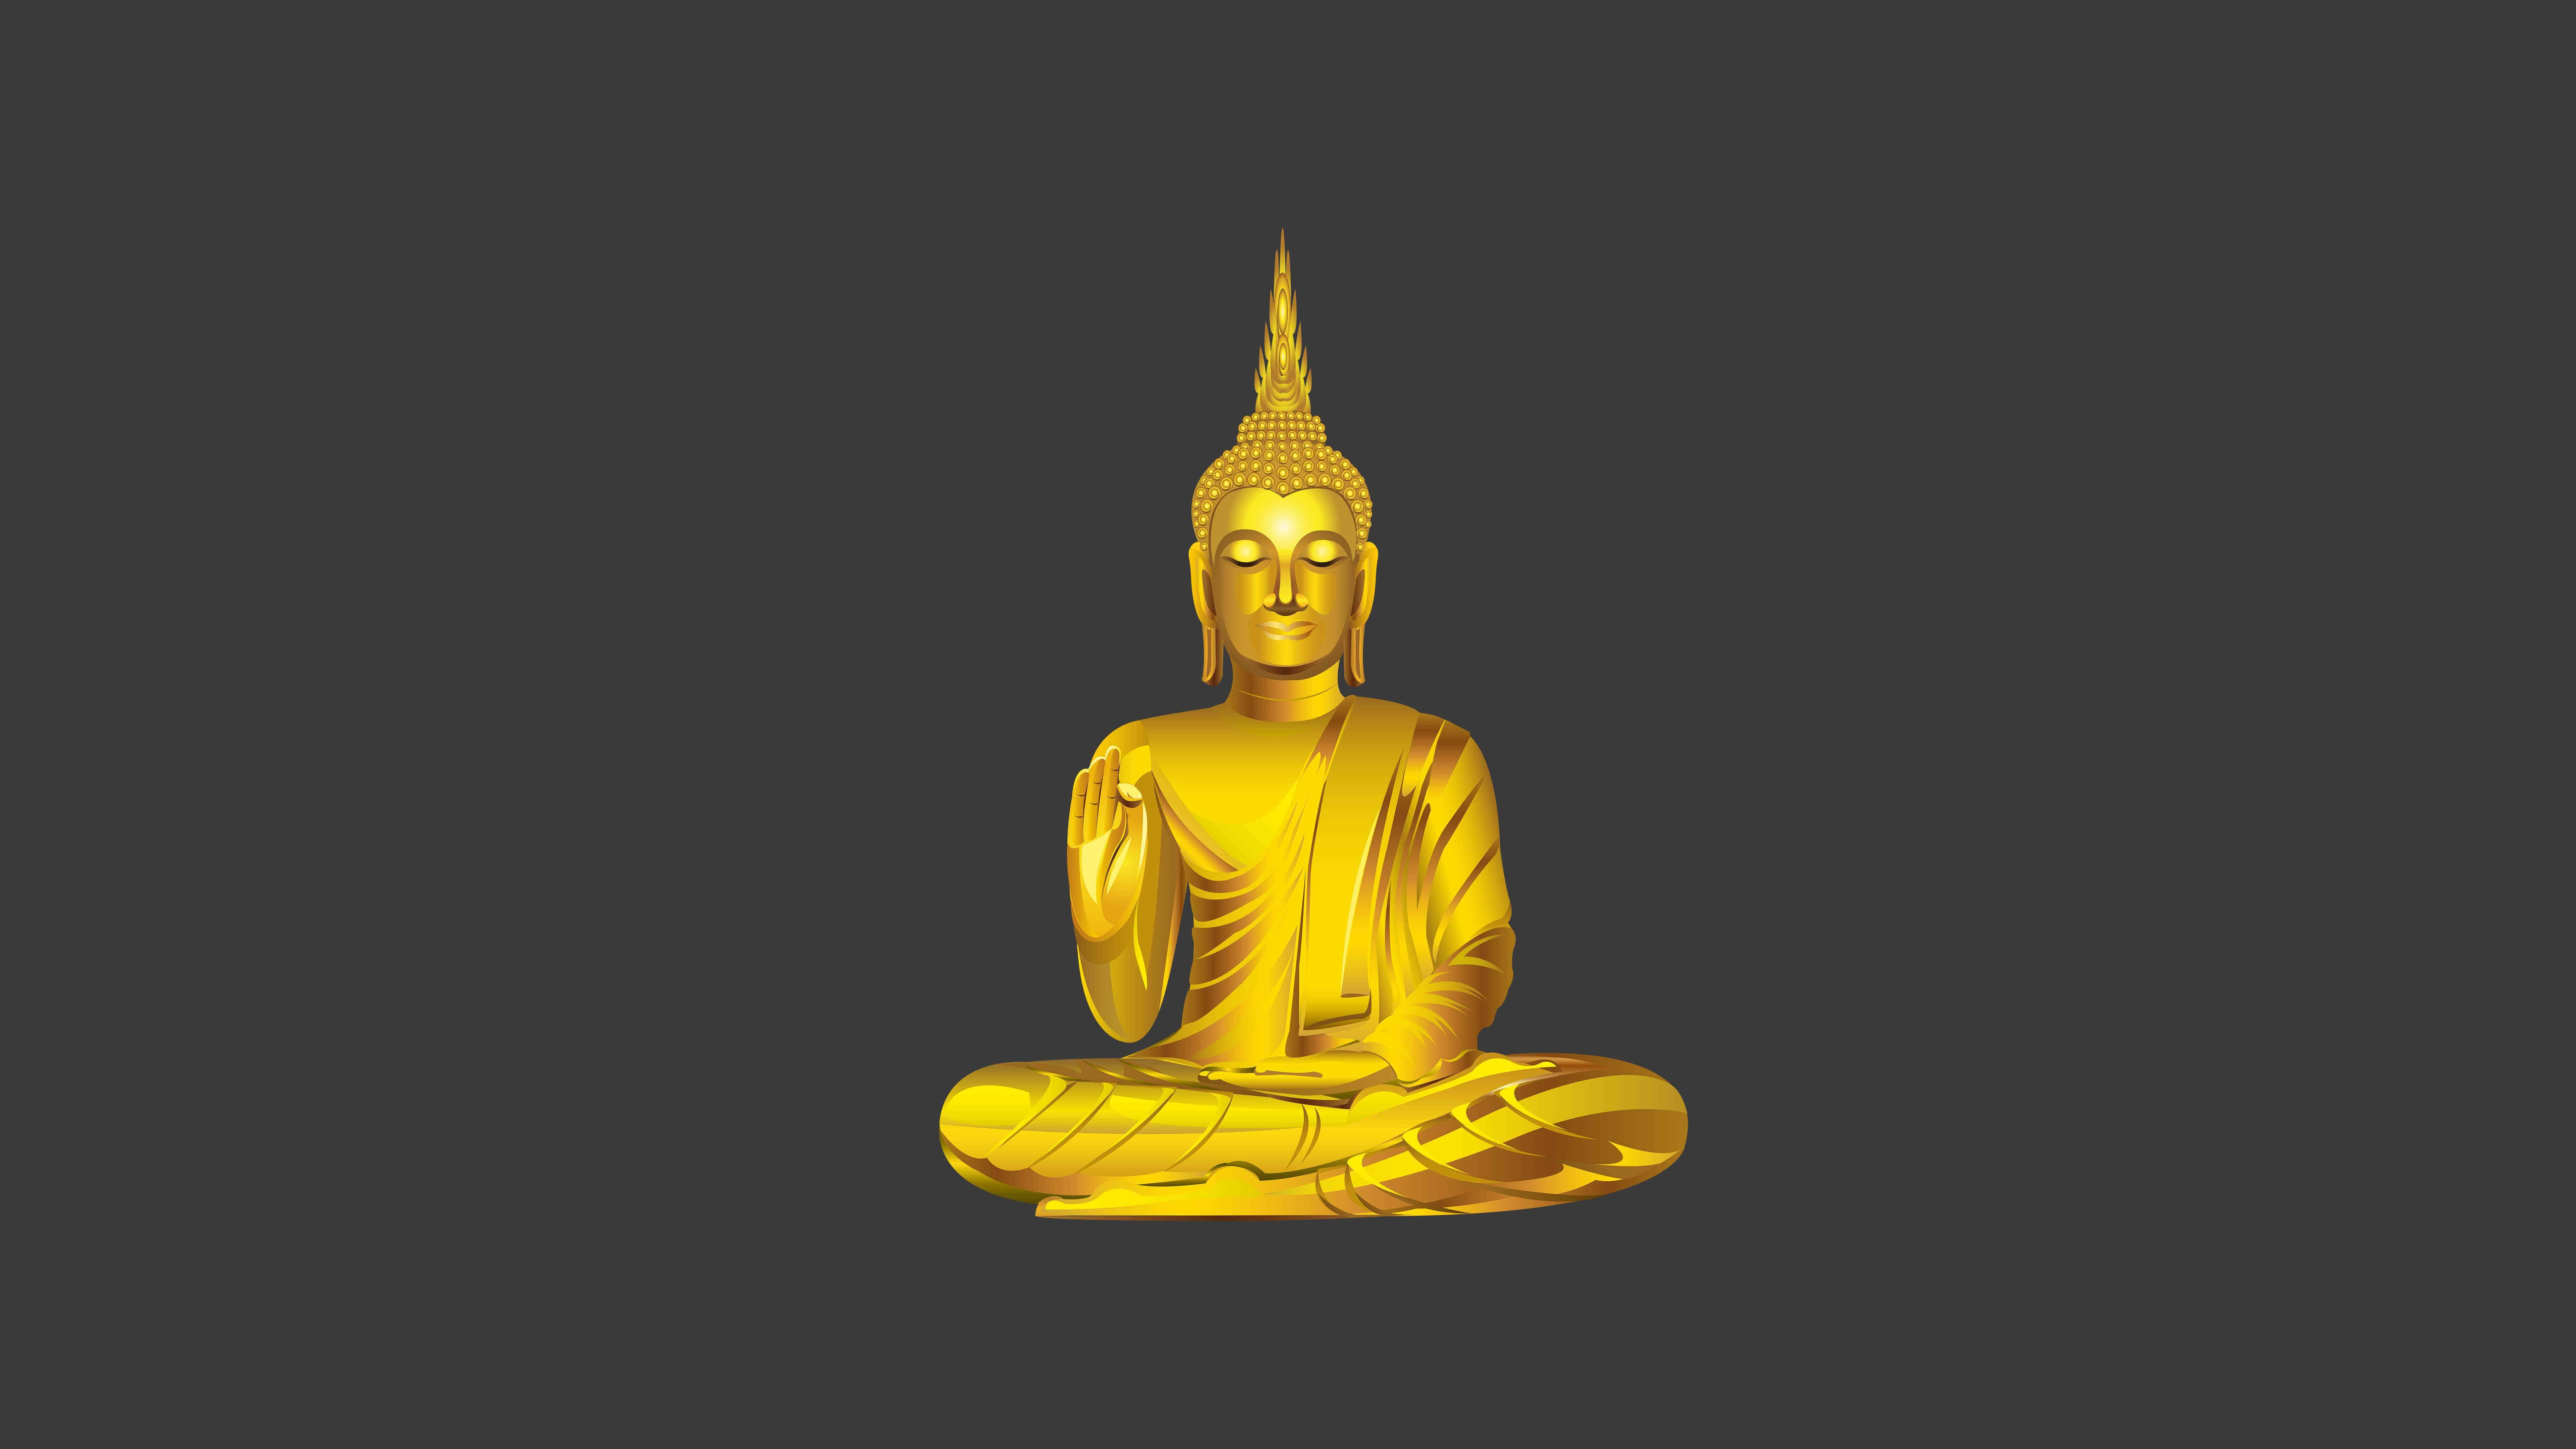 Gautama Buddha Meditating Uhd 8k Wallpaper Pixelz